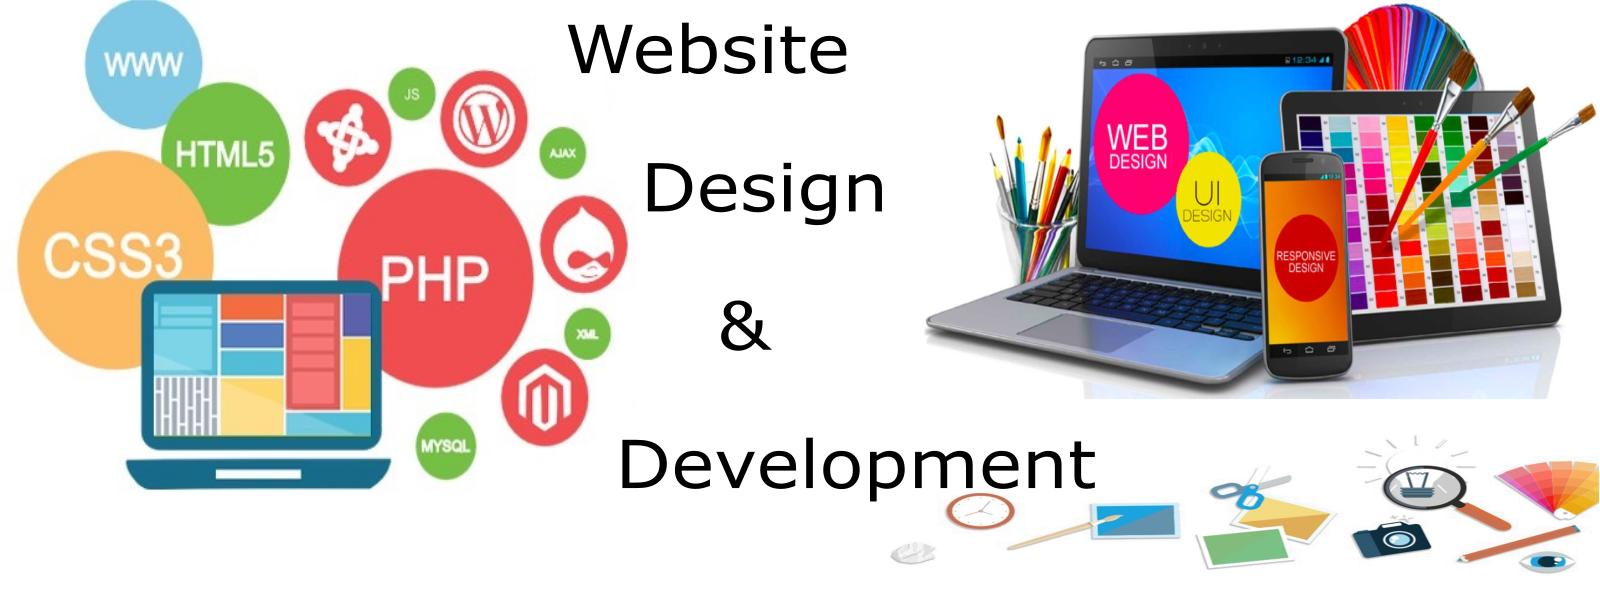 Website Design Development Jawaid 2017 10 01T121944 0000